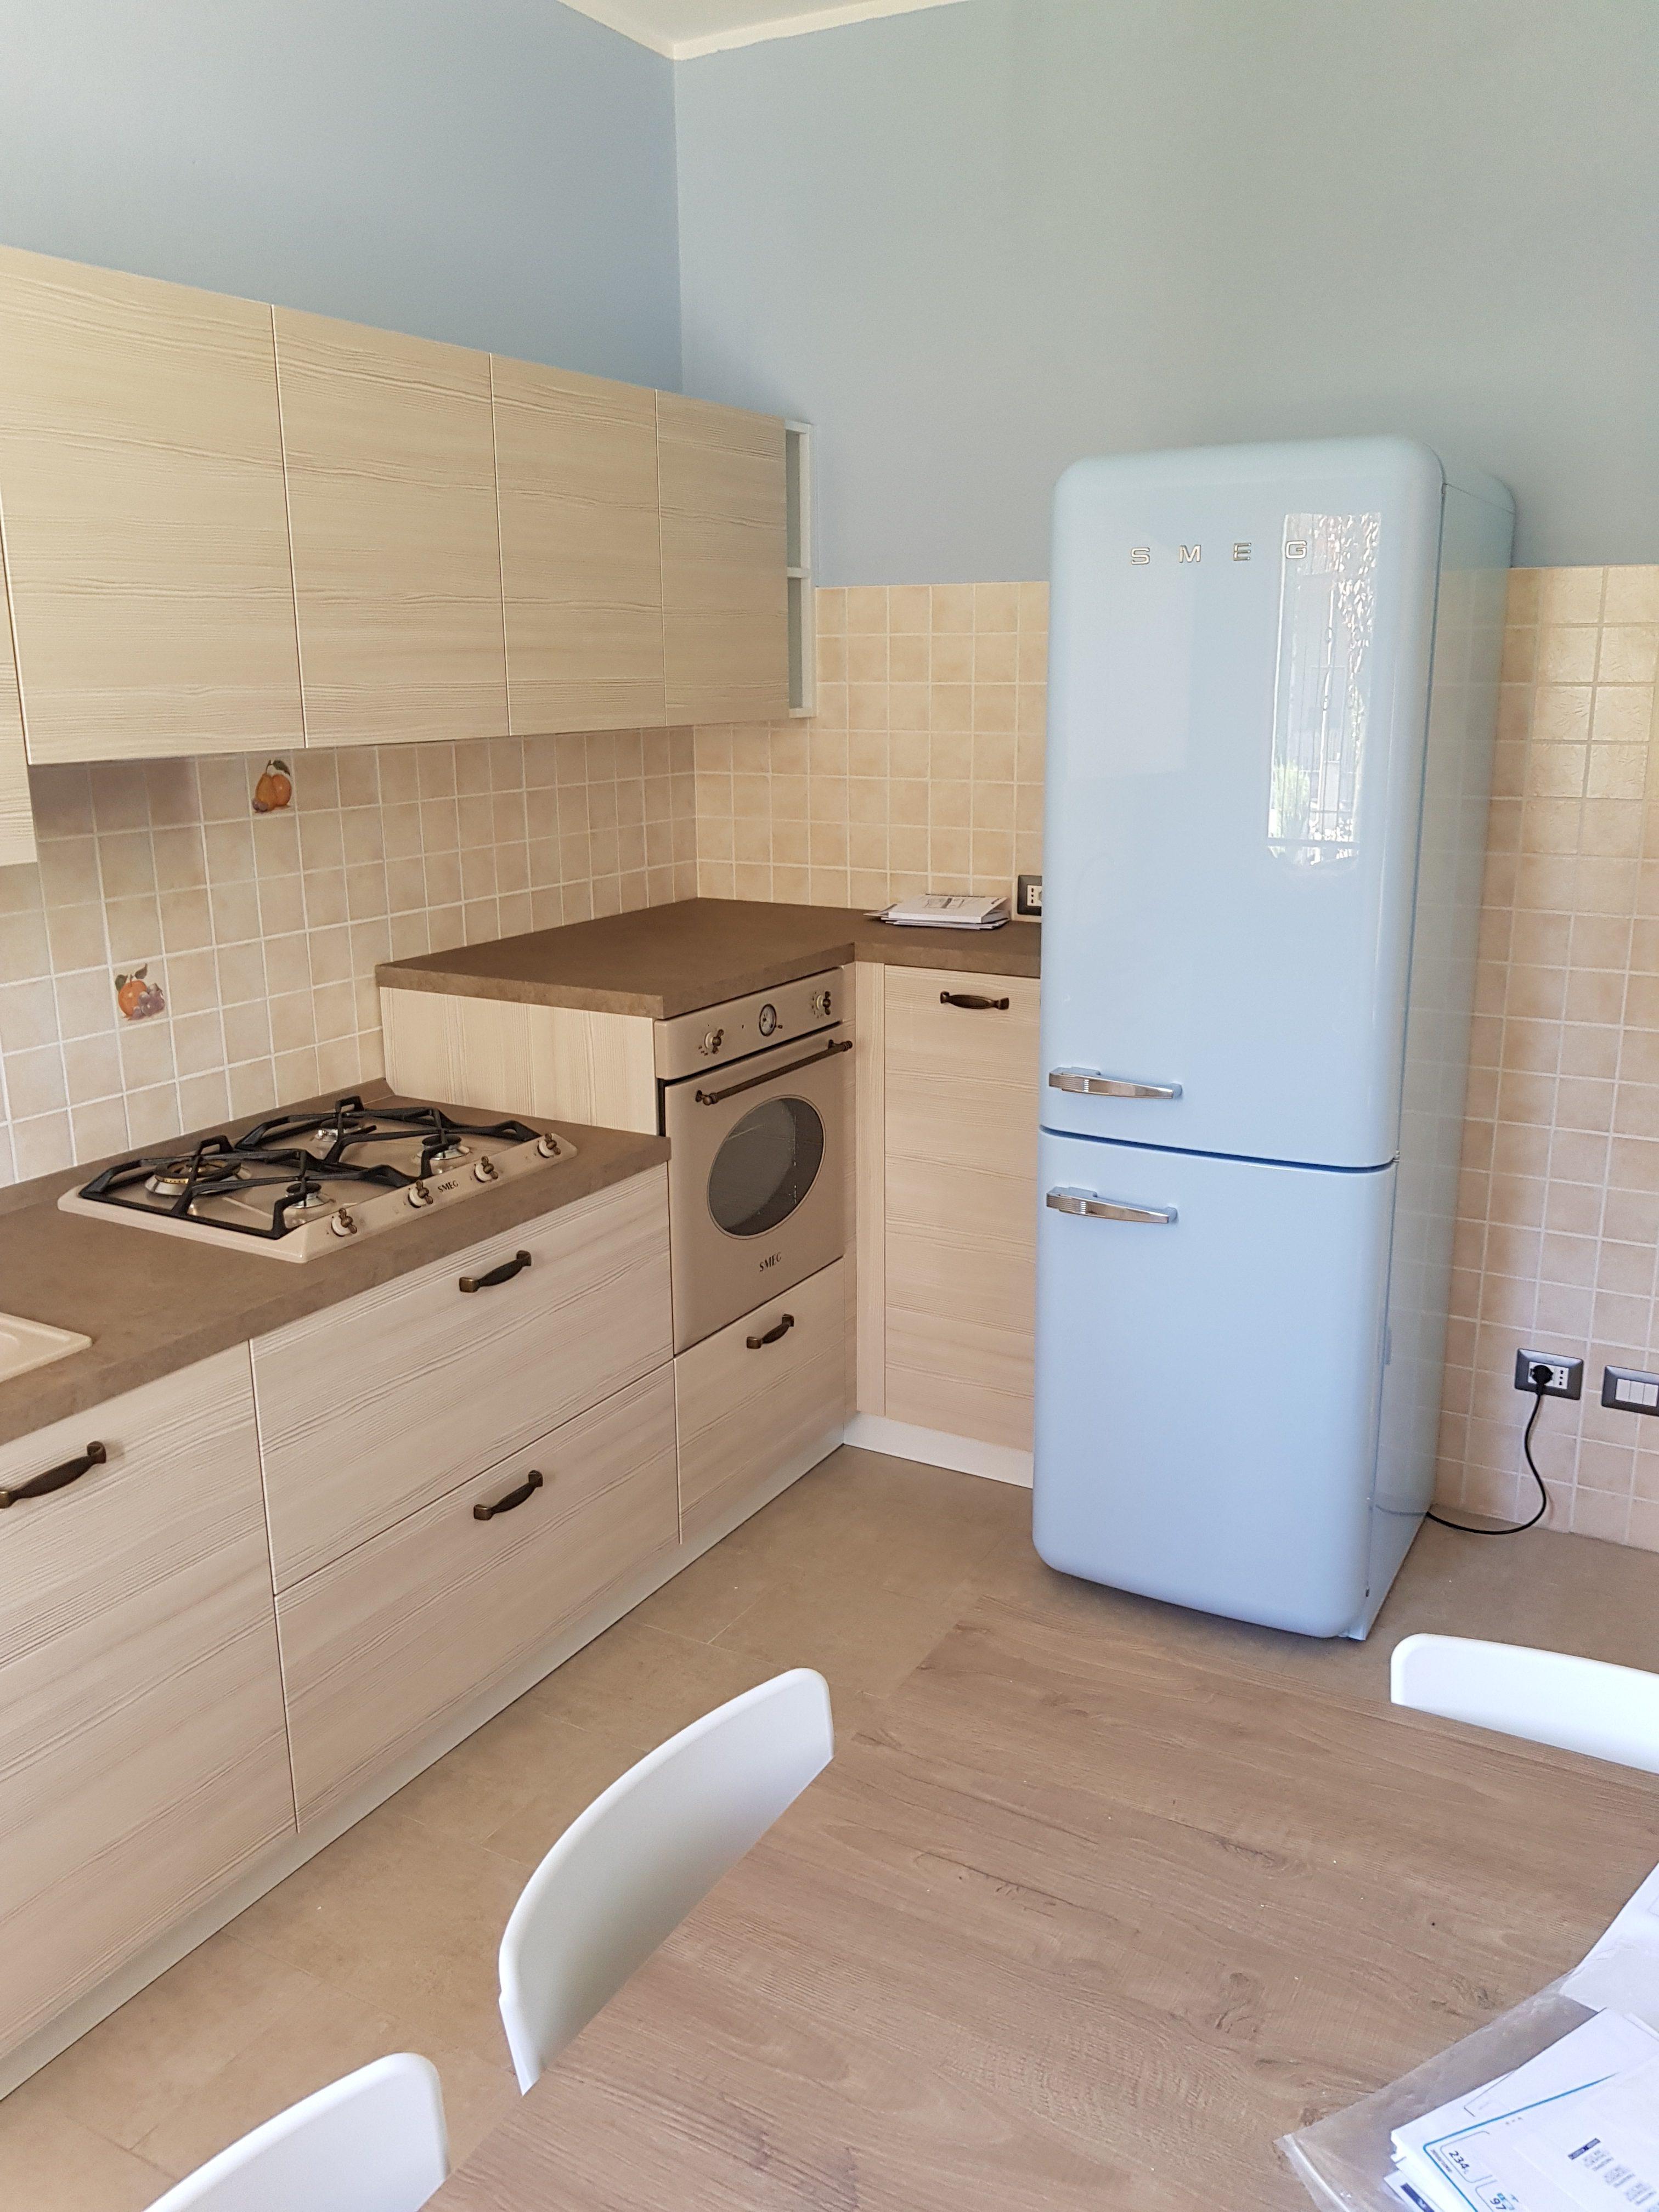 Cucina su misura con un tocco di colore - Artenova cucine in ...